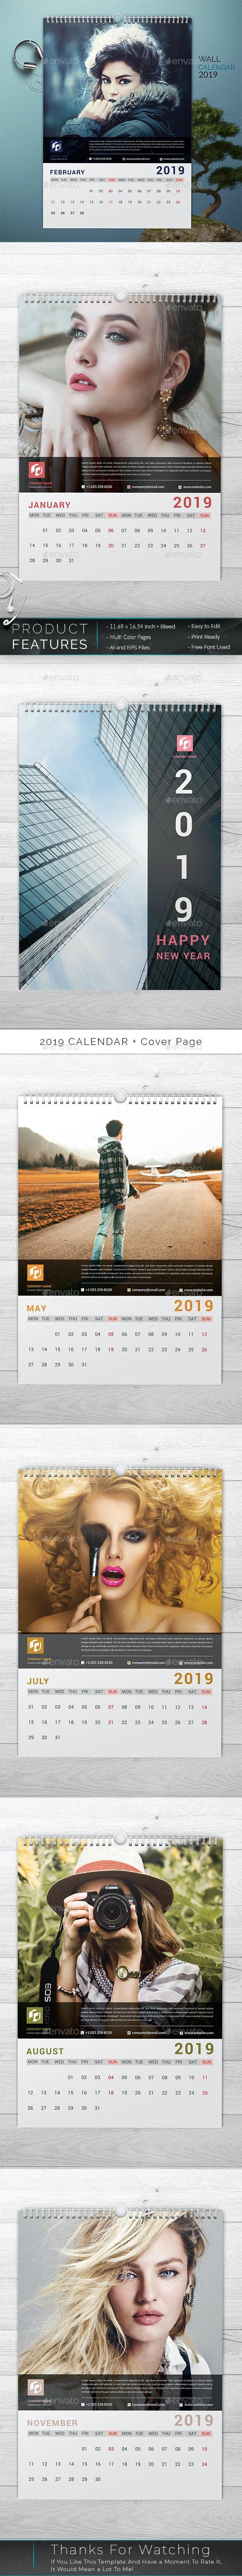 وکتور تقویم میلادی Calendar